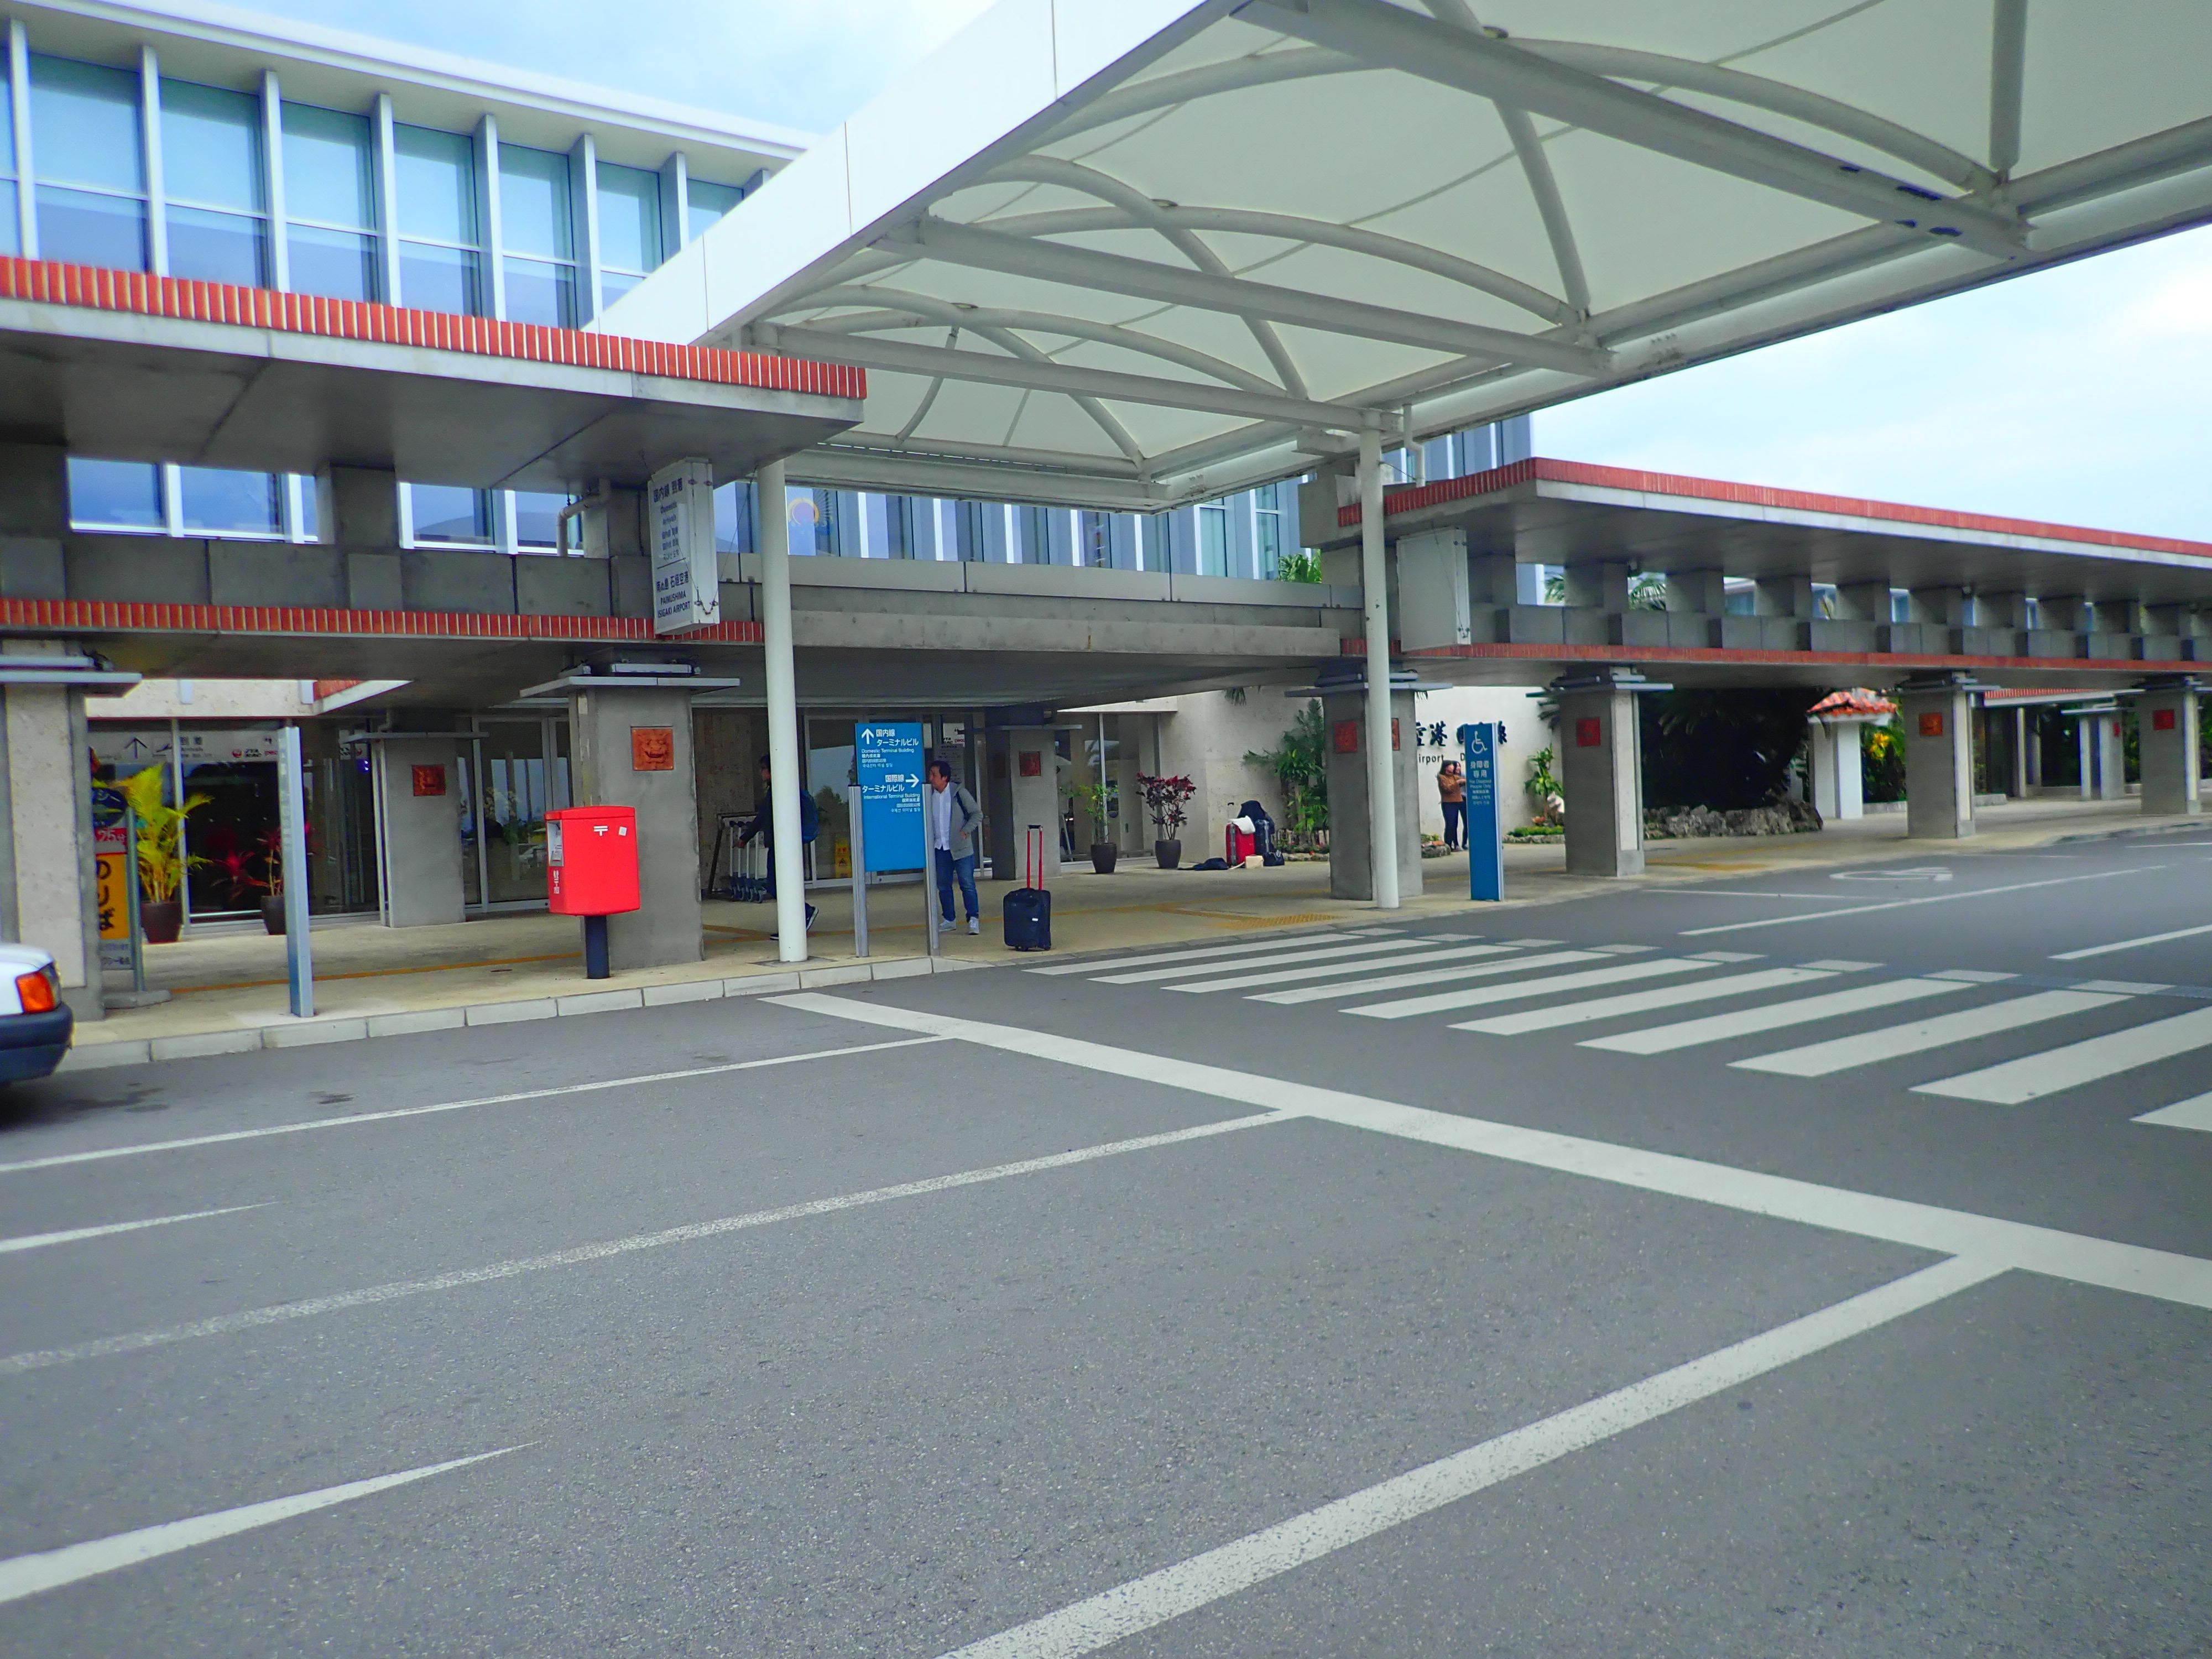 空港外のタクシー・バス乗り場